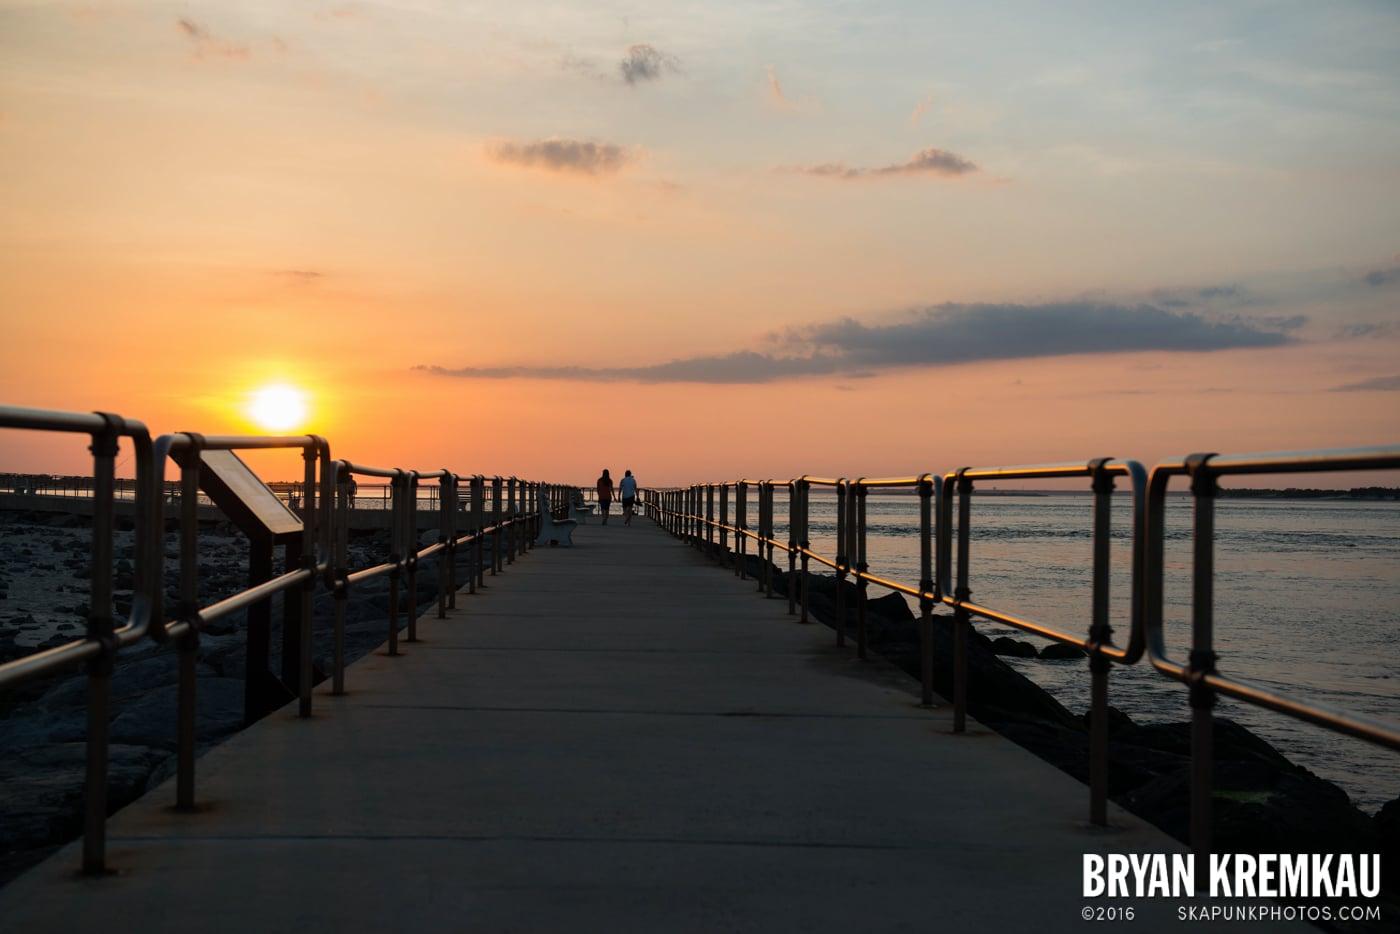 Beach Haven, Long Beach Island, NJ - 6.16.14 - 6.18.14 (8)